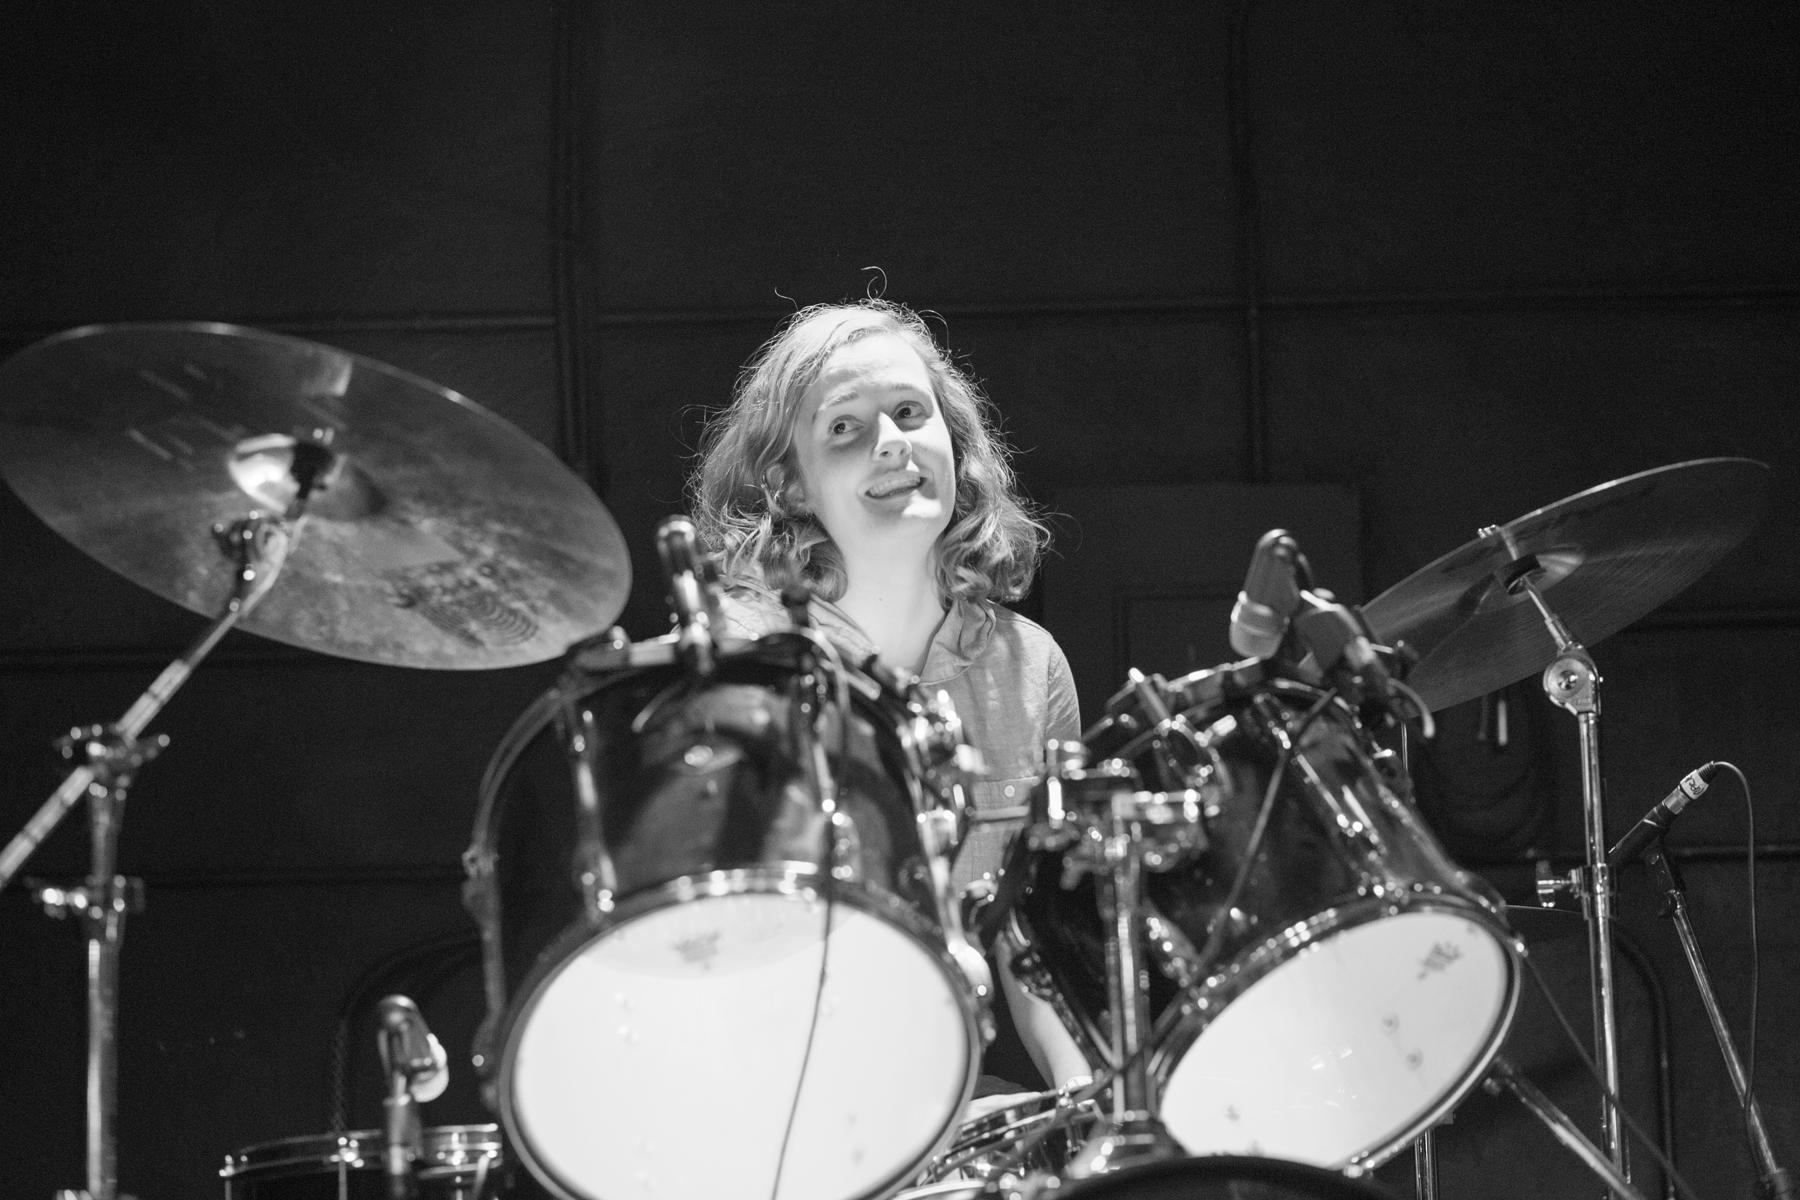 Izzy True at The Haunt. 2015.